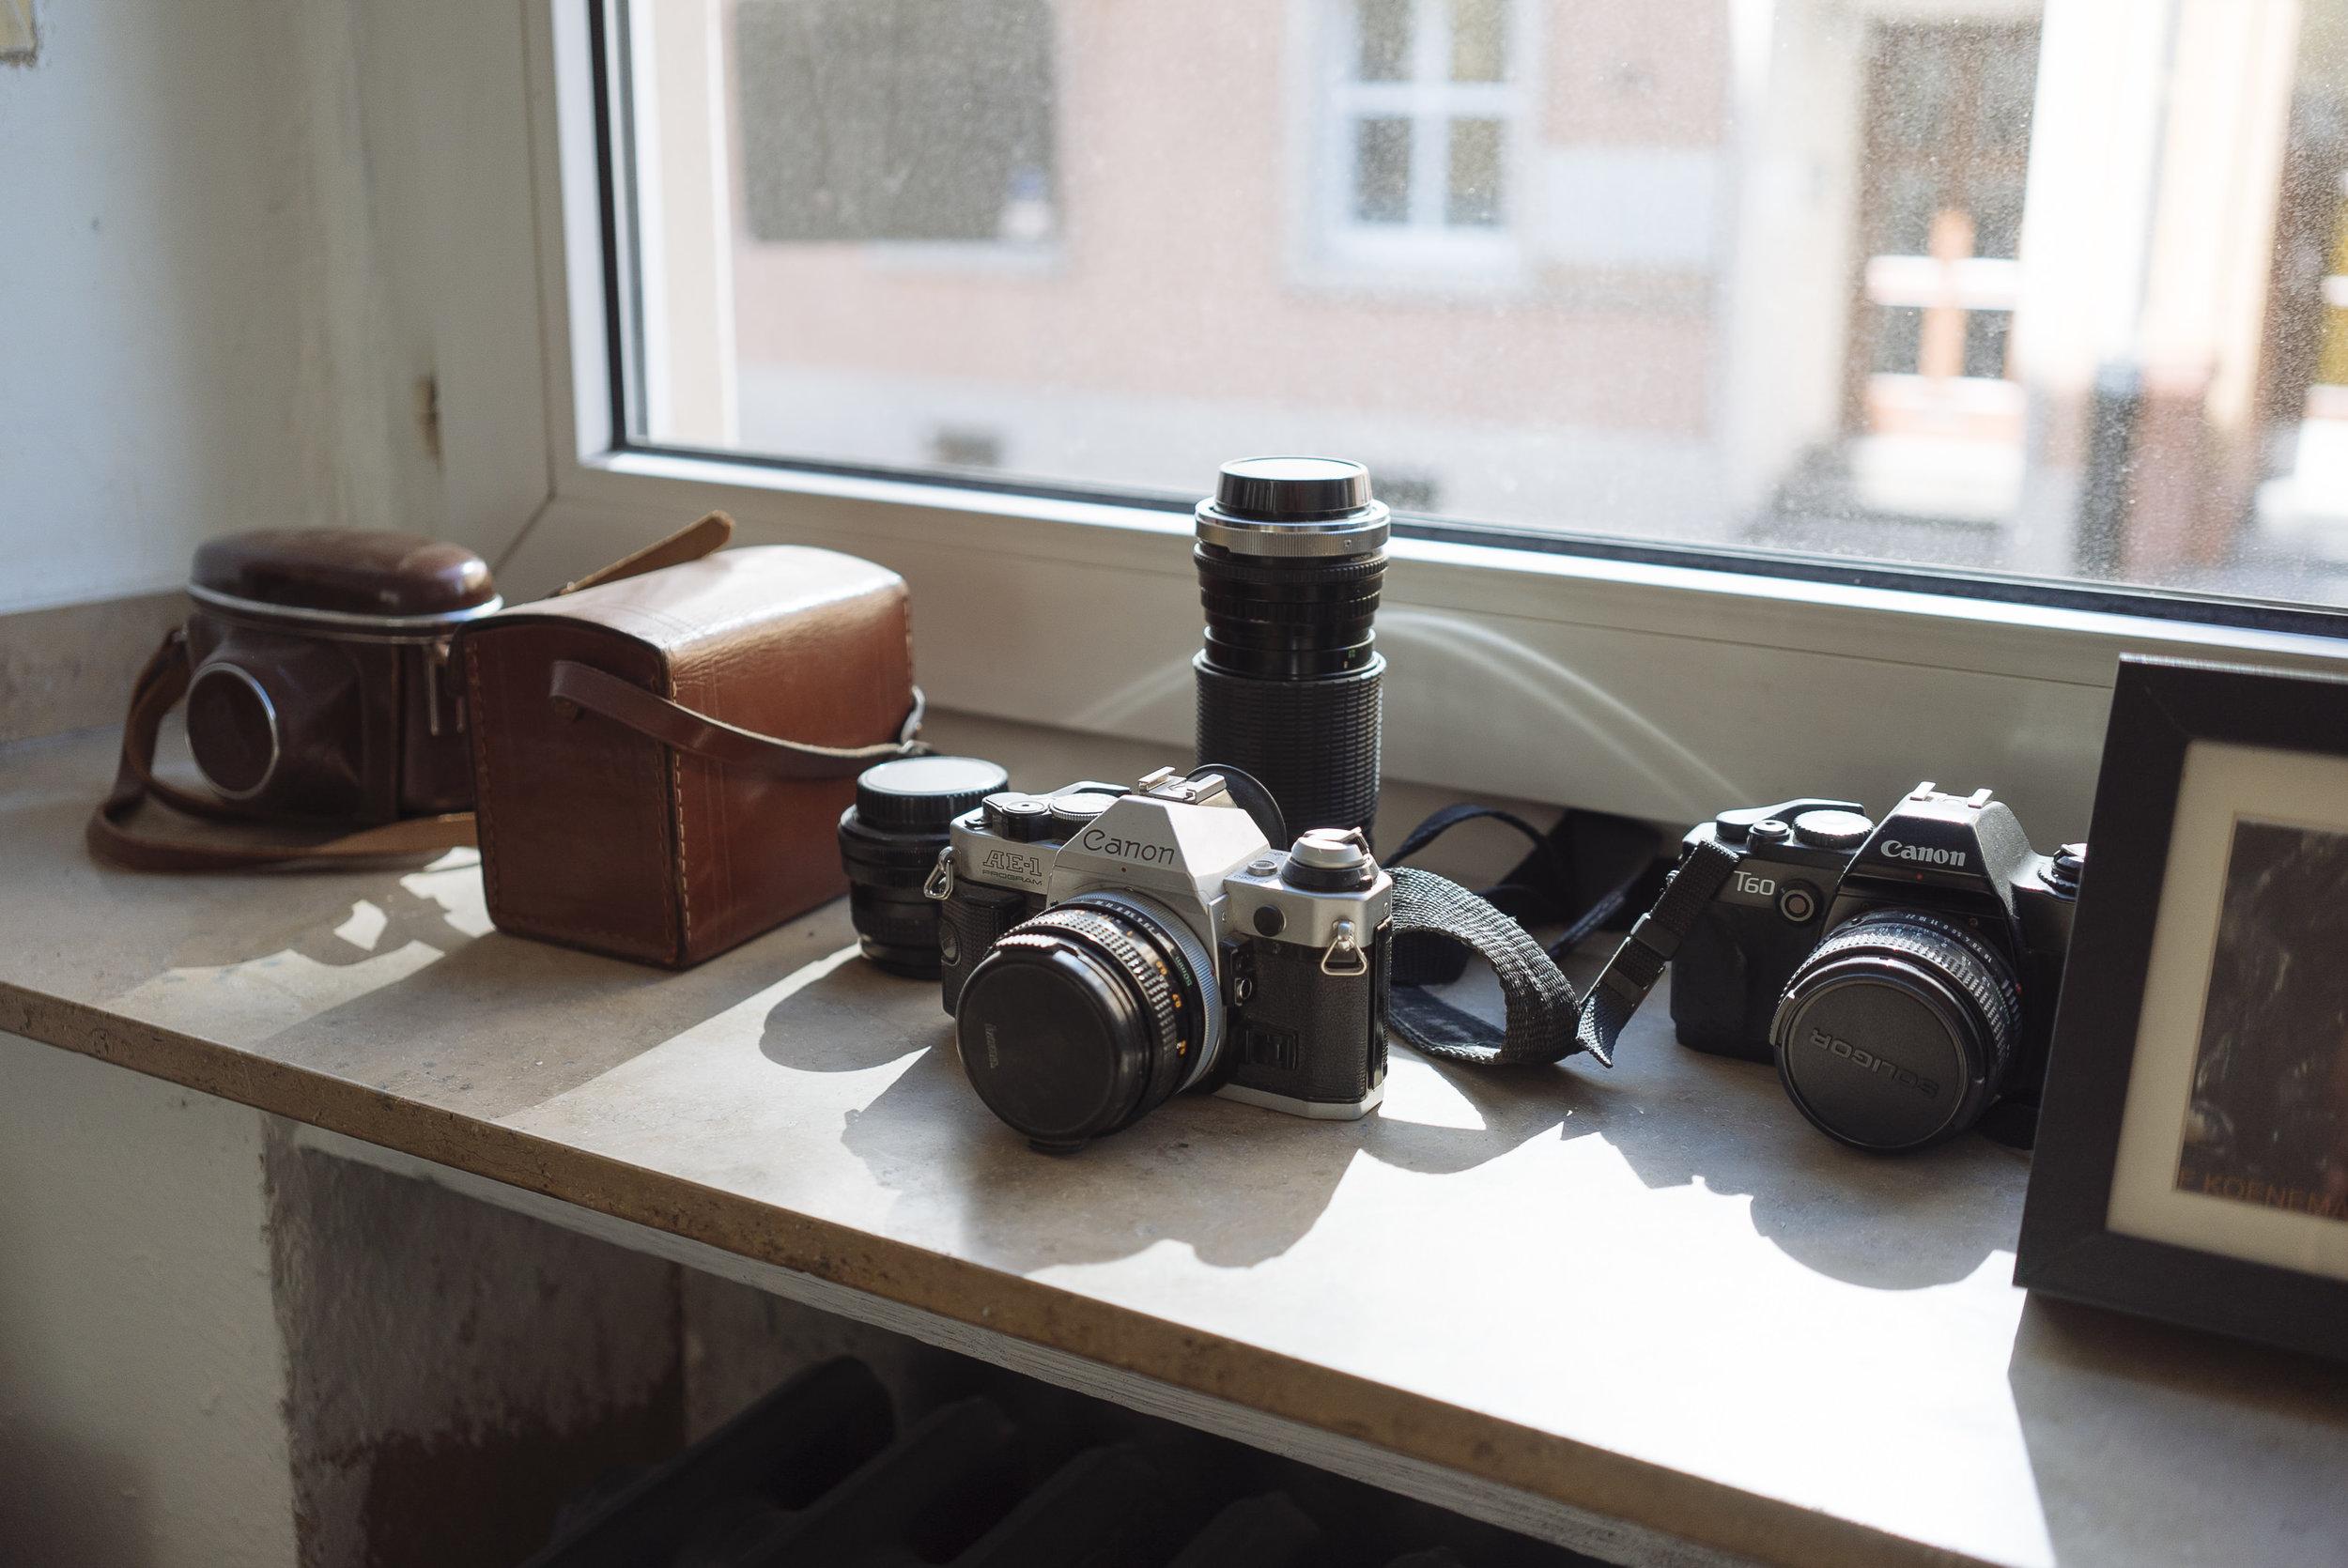 peter-schneider-garage13-essen-pottspott-29.jpg